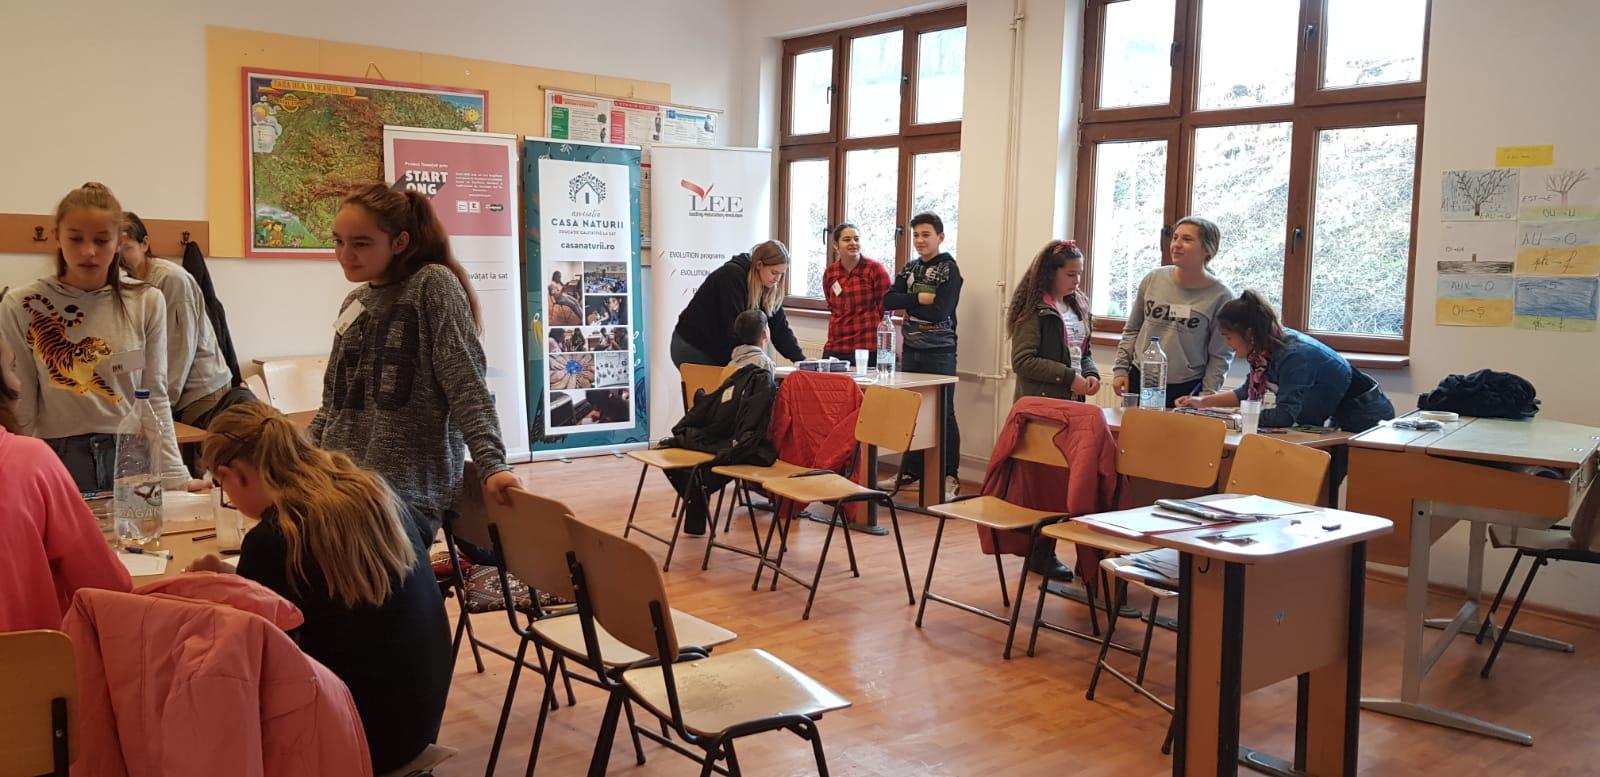 Competențe antreprenoriale pentru copiii dintr-un sat din Transilvania: 20 de tineri din comuna Laslea, Sibiu, învață, în teorie și în practică, ce înseamnă o afacere